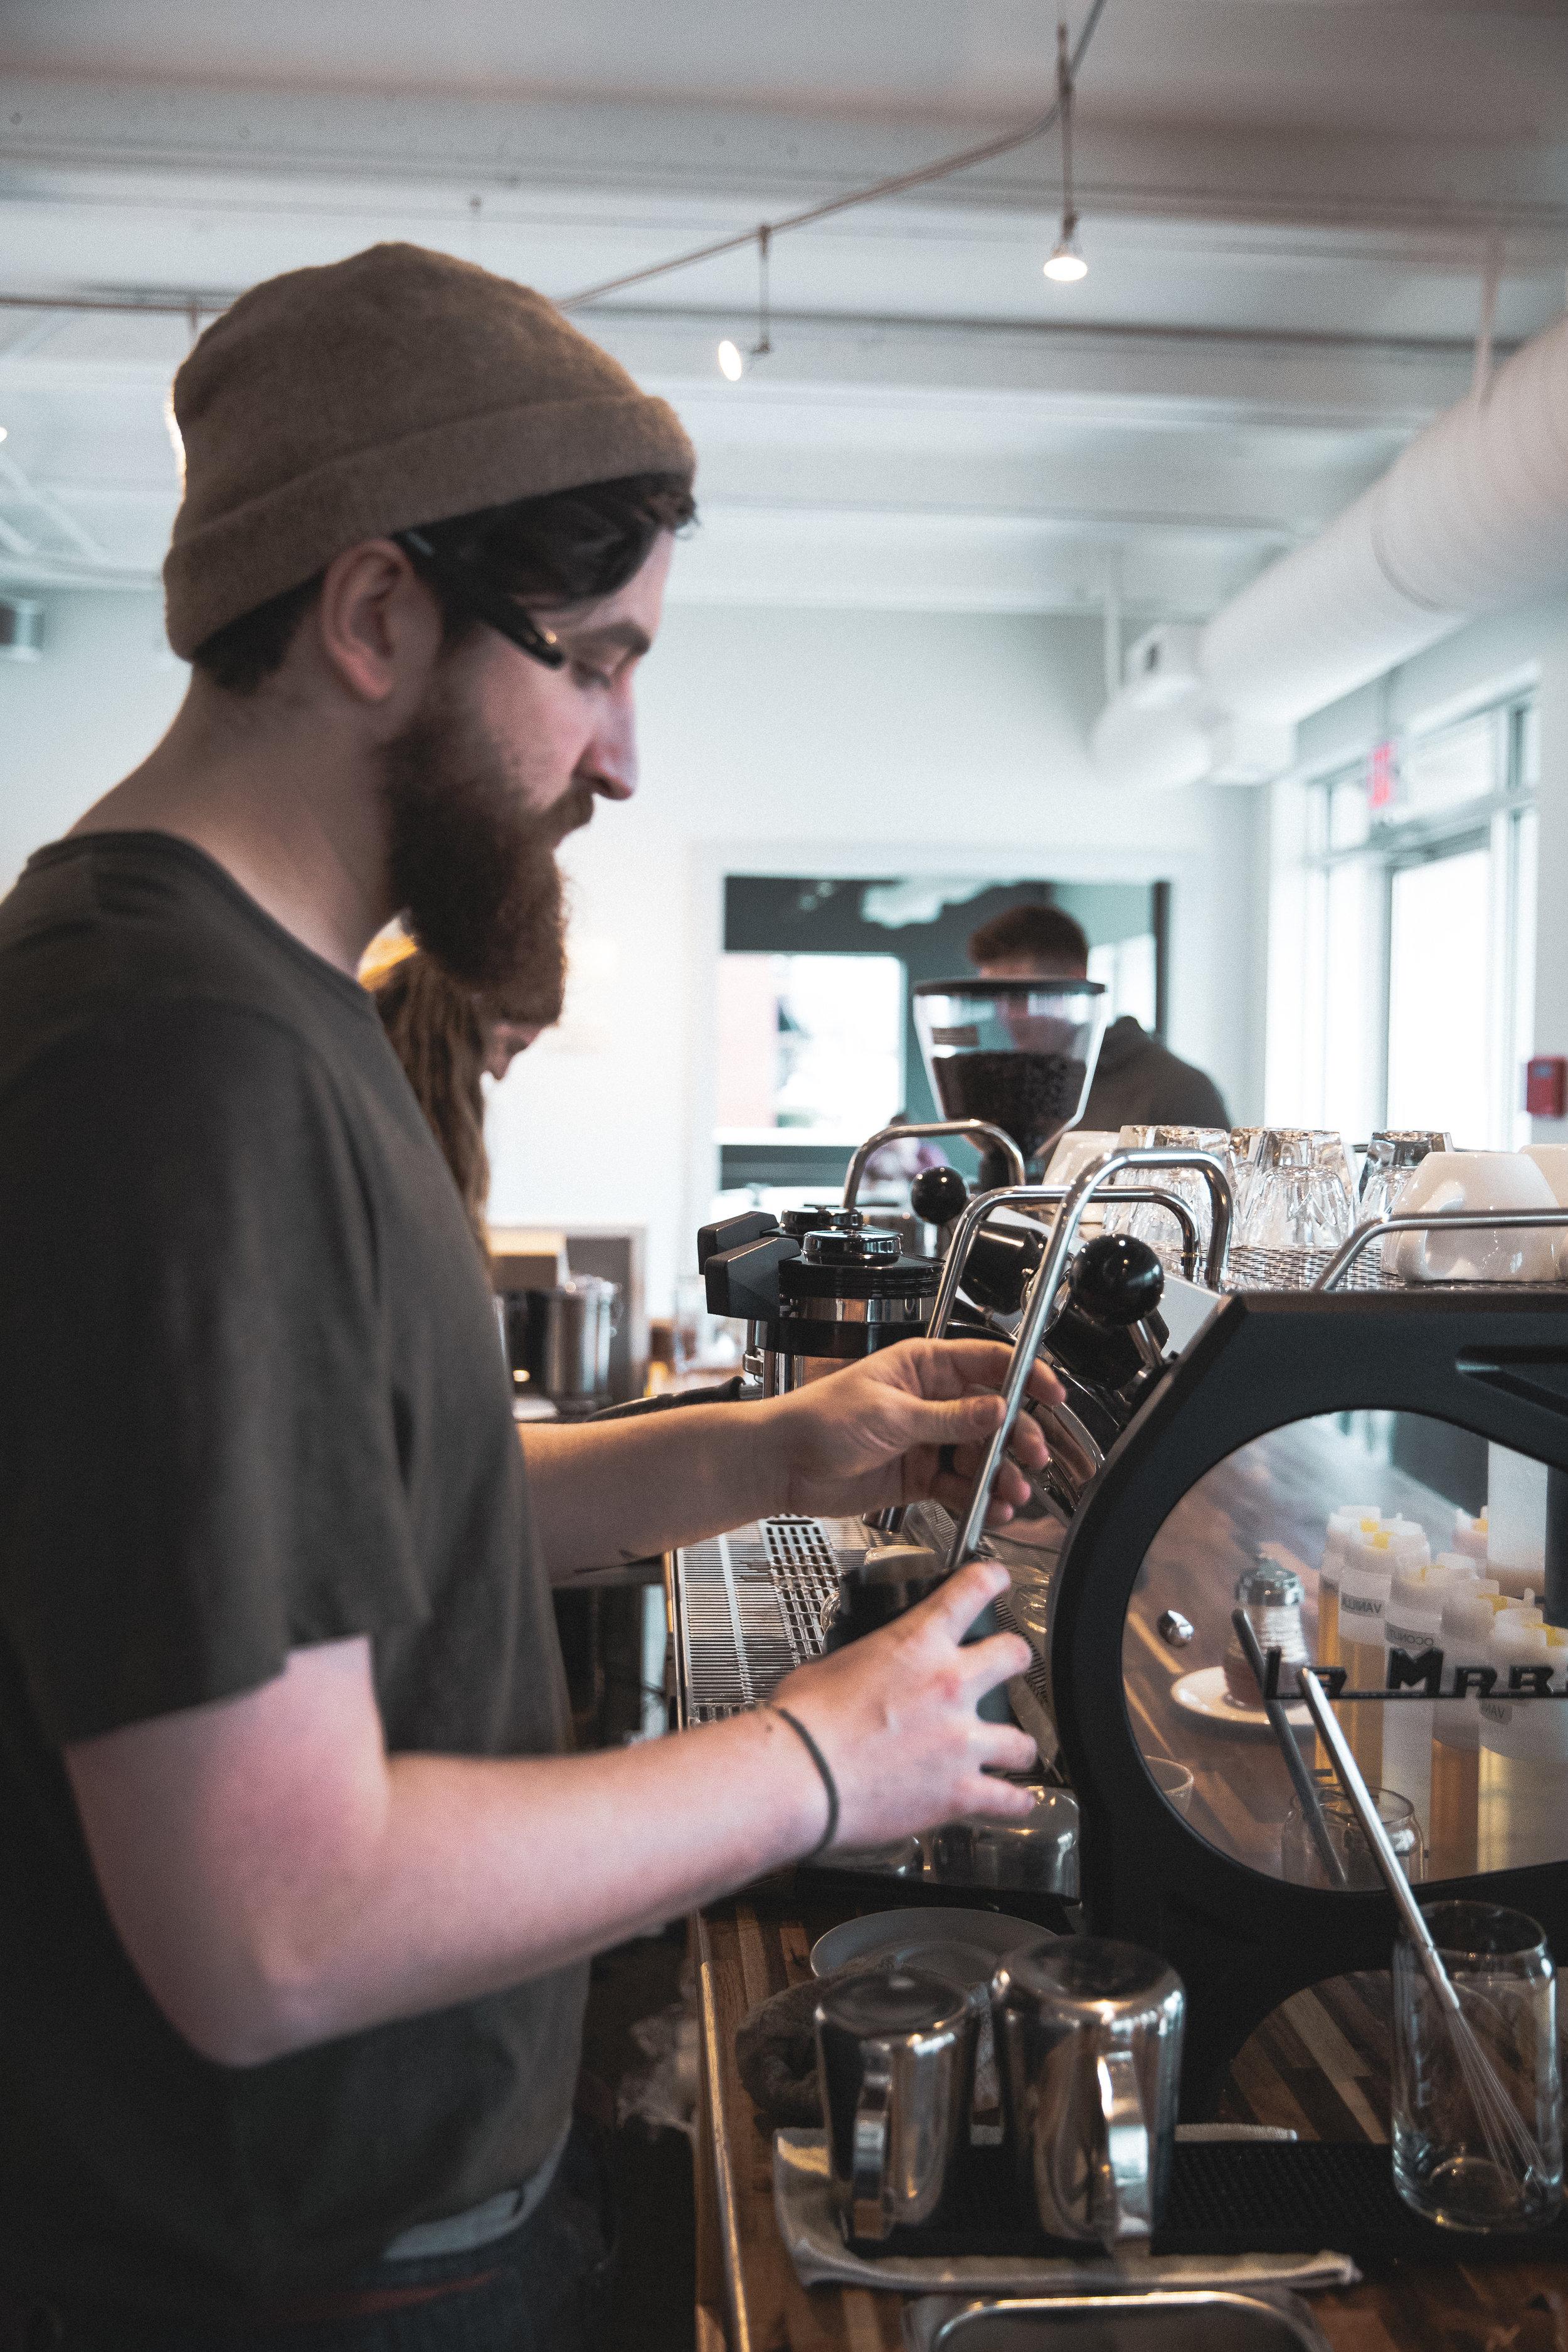 coffeeshop-photography-9I0615.jpg